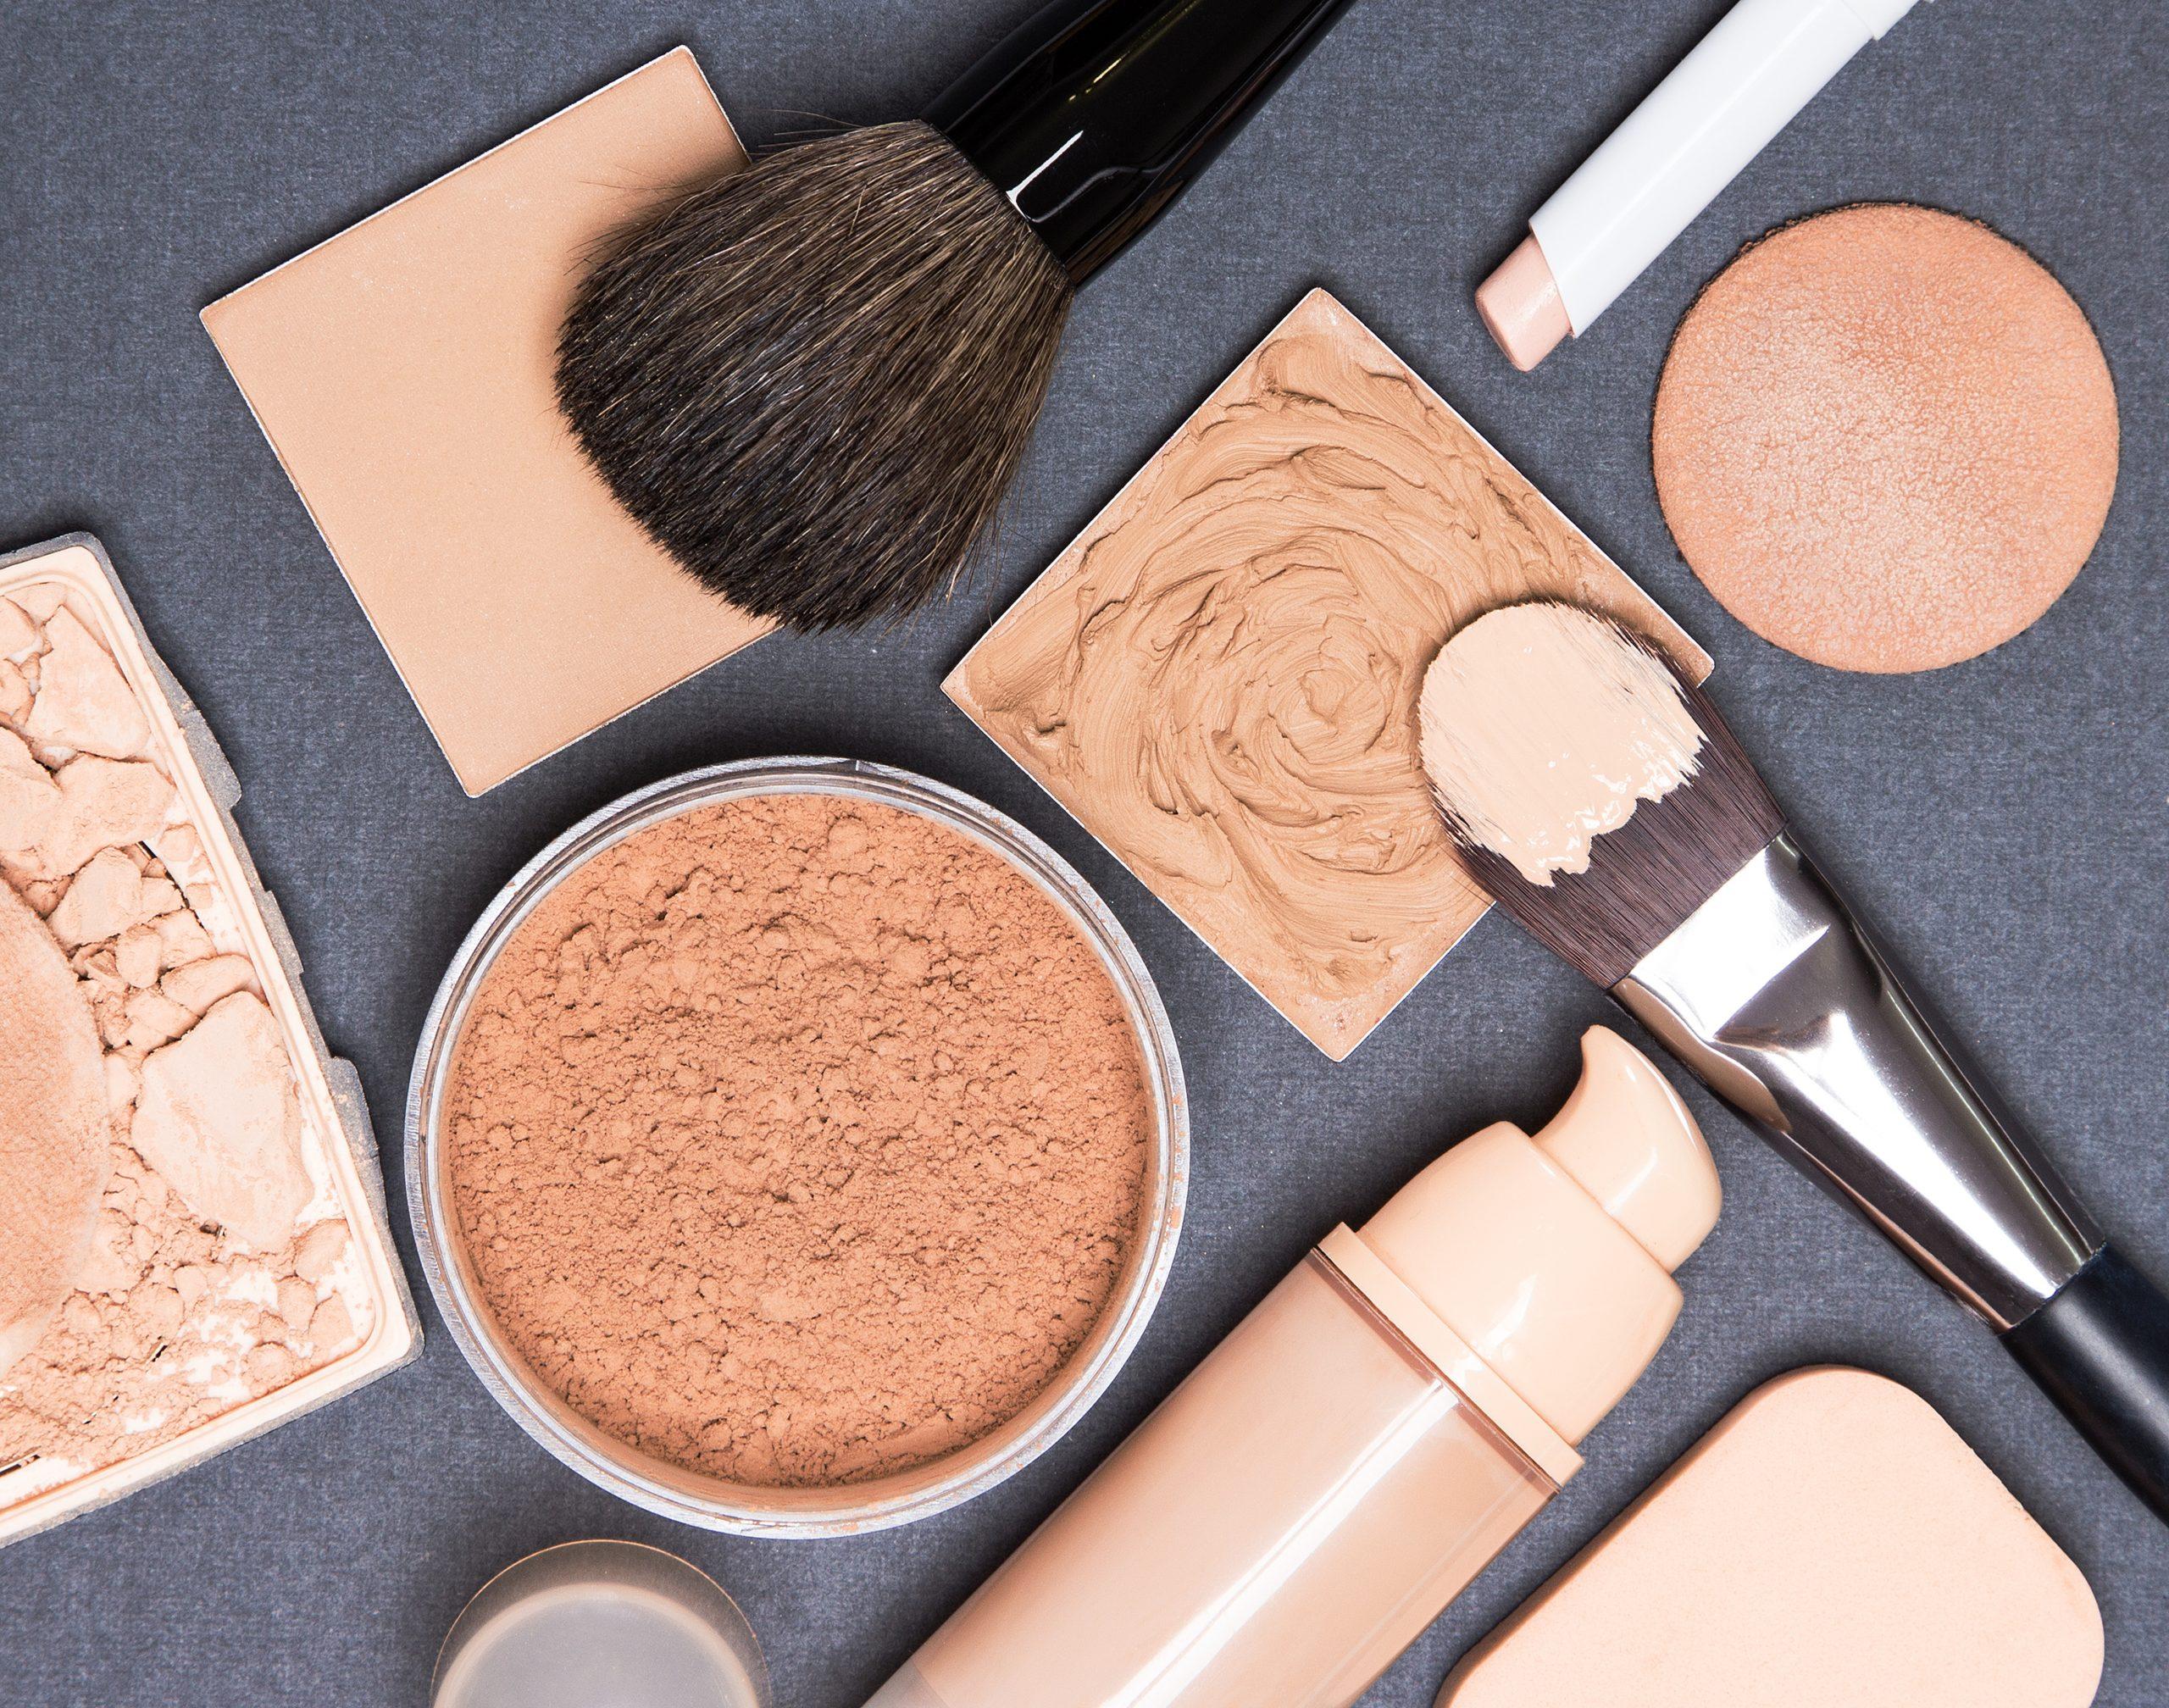 Care au fost cele mai căutate produse de beauty ale anului 2019